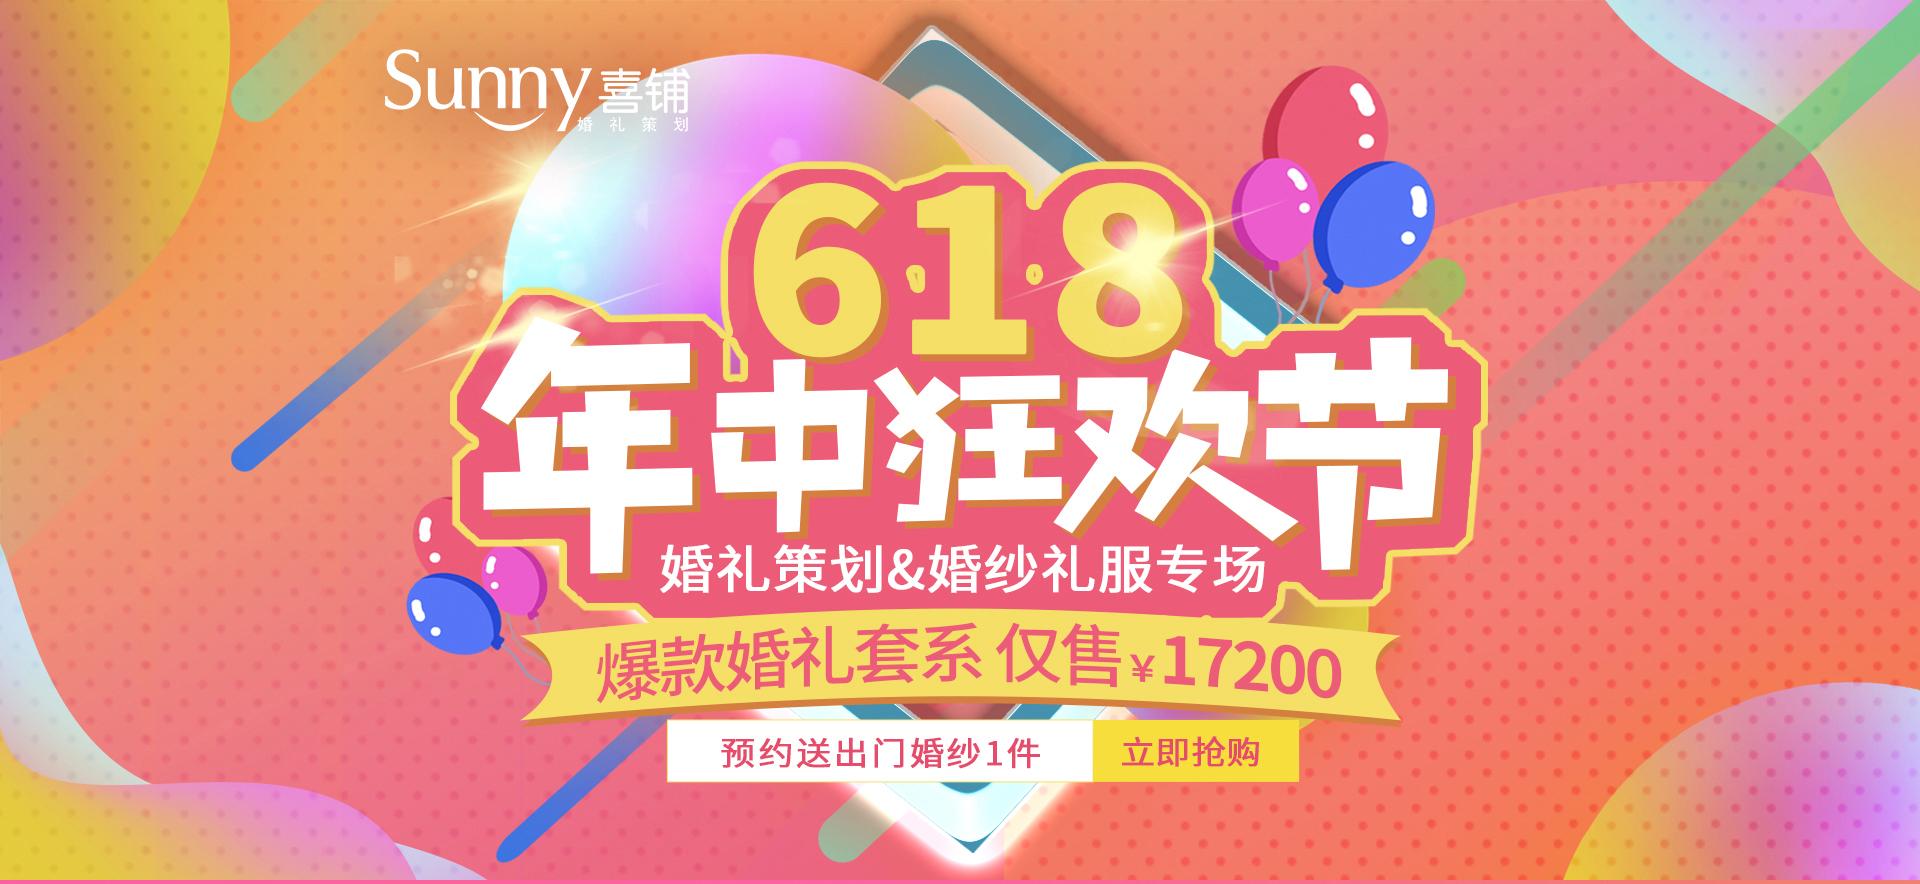 618年中(zhong)狂歡節公式化,爆款婚禮套系僅售17200元!